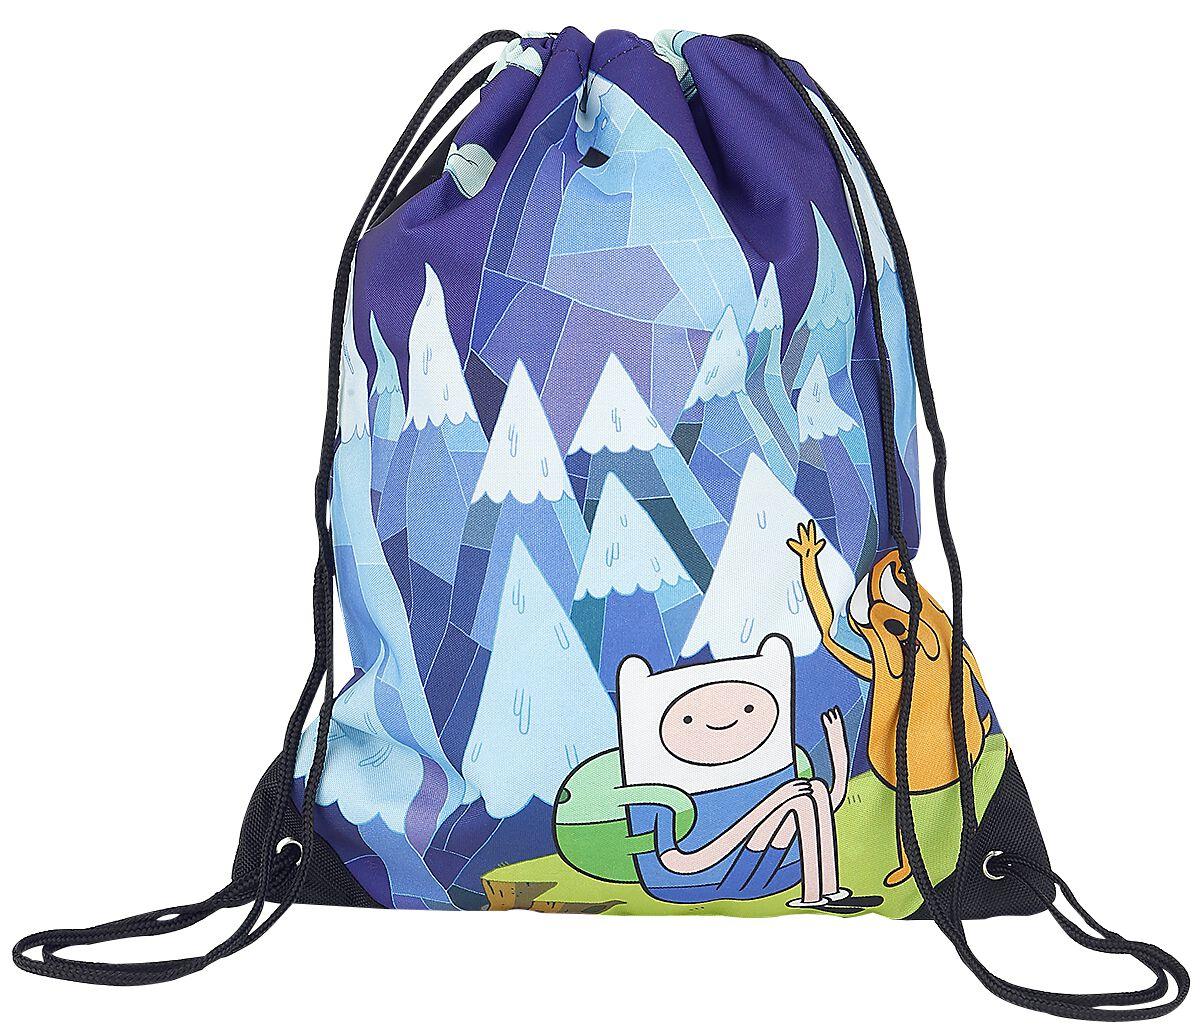 Merch dla Fanów - Torby i Plecaki - Torba treningowa Adventure Time Blue Mountain Jake & Finn Torba treningowa niebieski - 327047